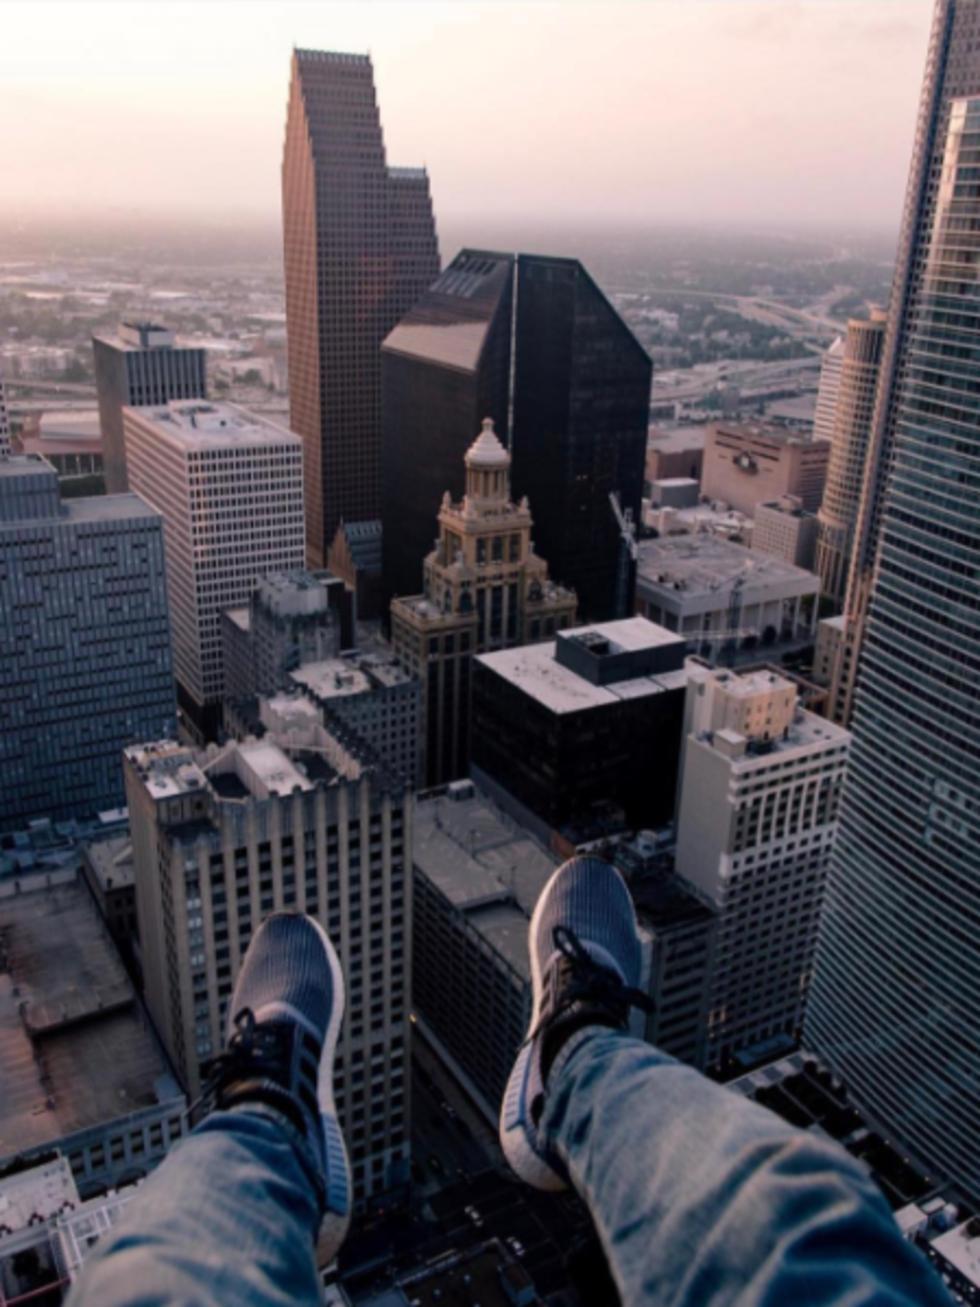 Houston Instagram accounts